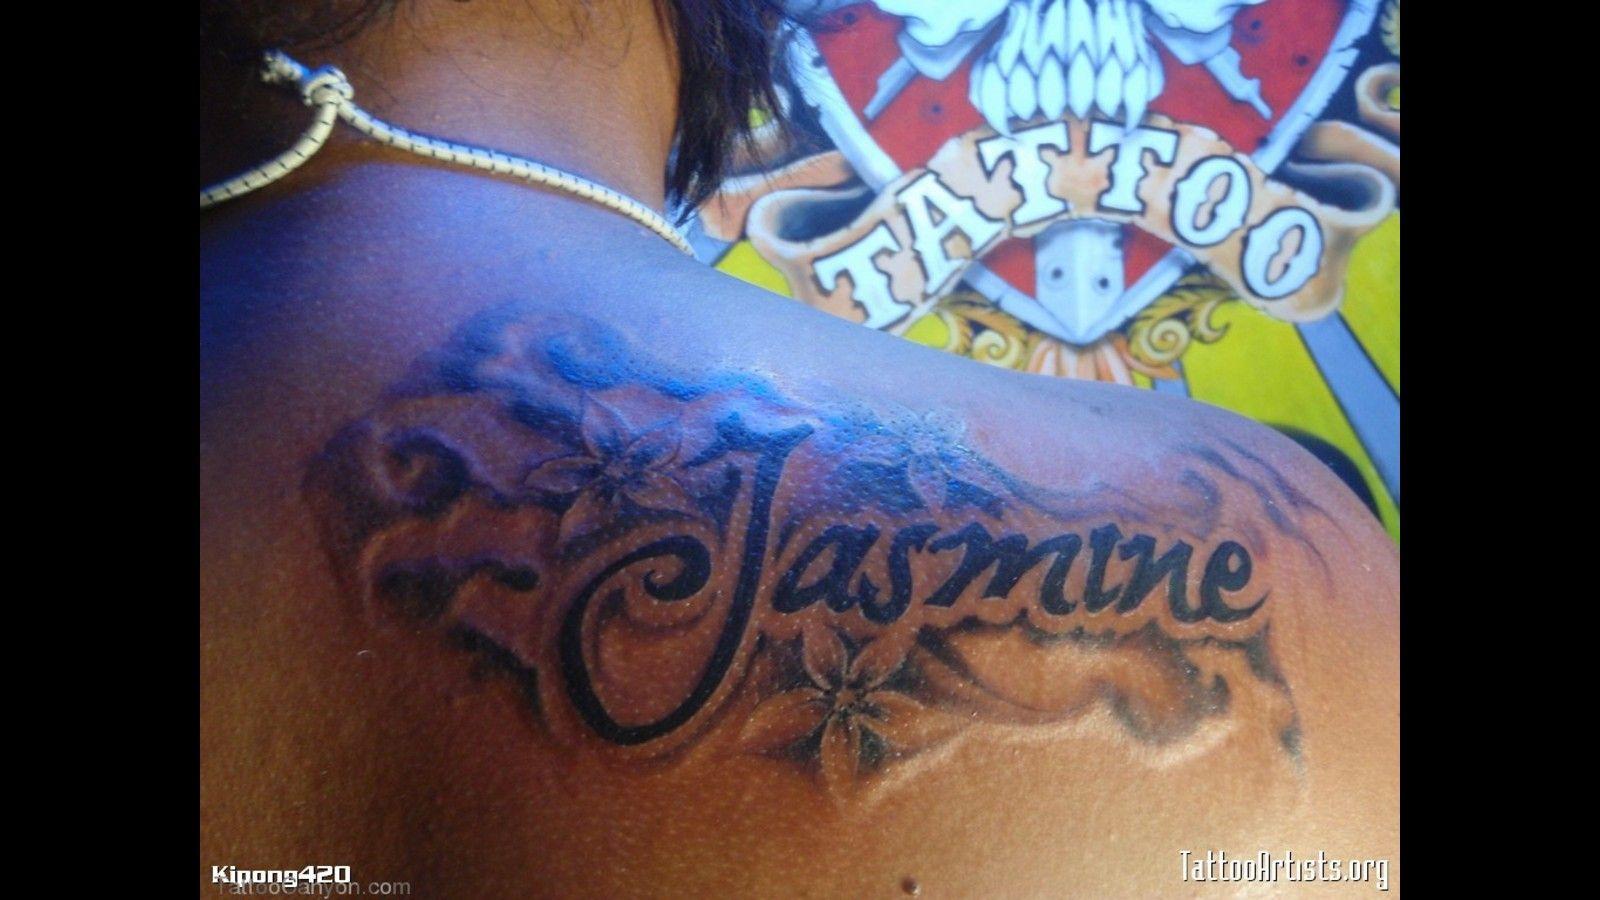 897 tattoo artists org free download 33781 jasmine tattoo design 897 tattoo artists org free download 33781 jasmine tattoo design izmirmasajfo